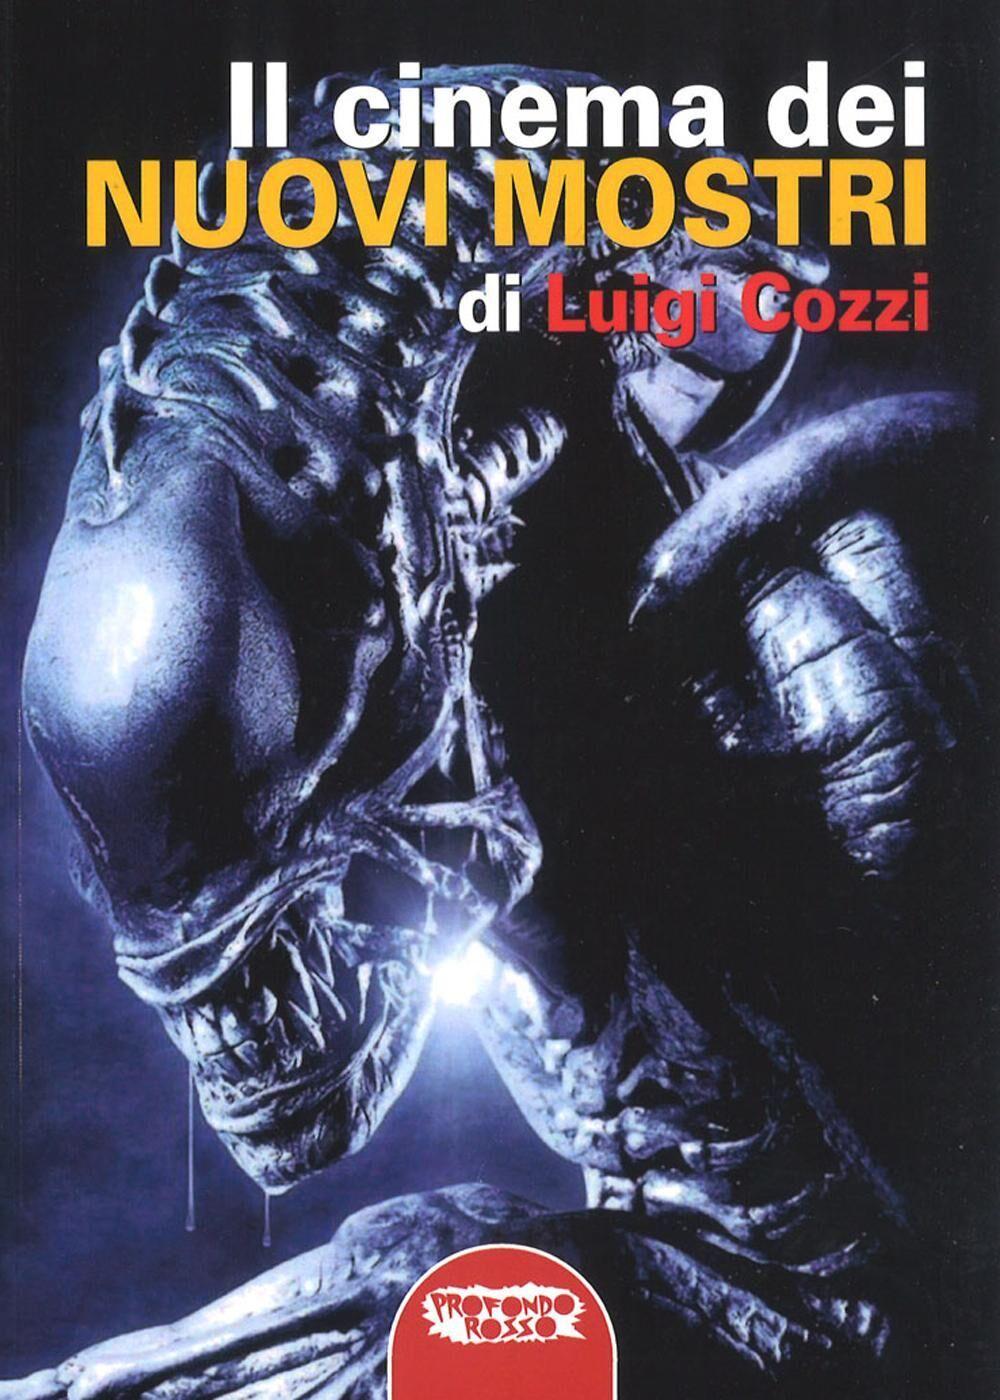 Il cinema dei nuovi mostri